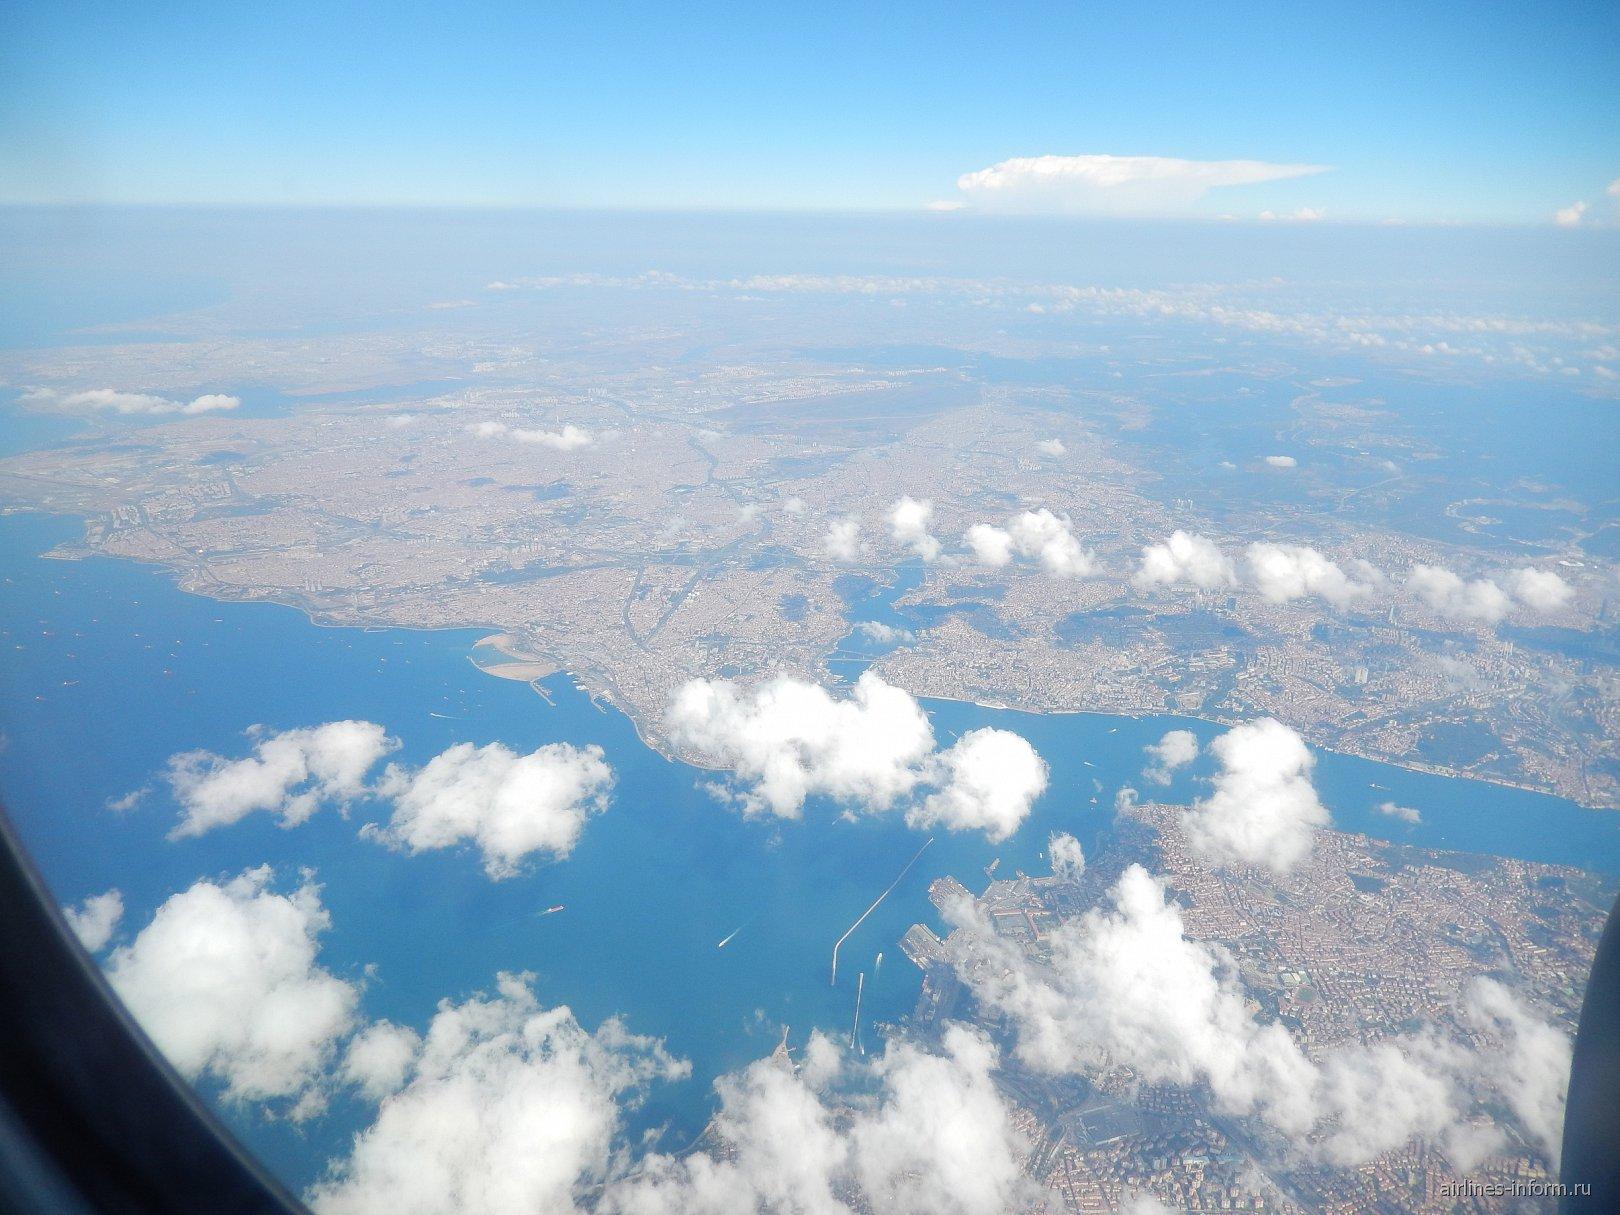 Вид на Стамбул из самолета